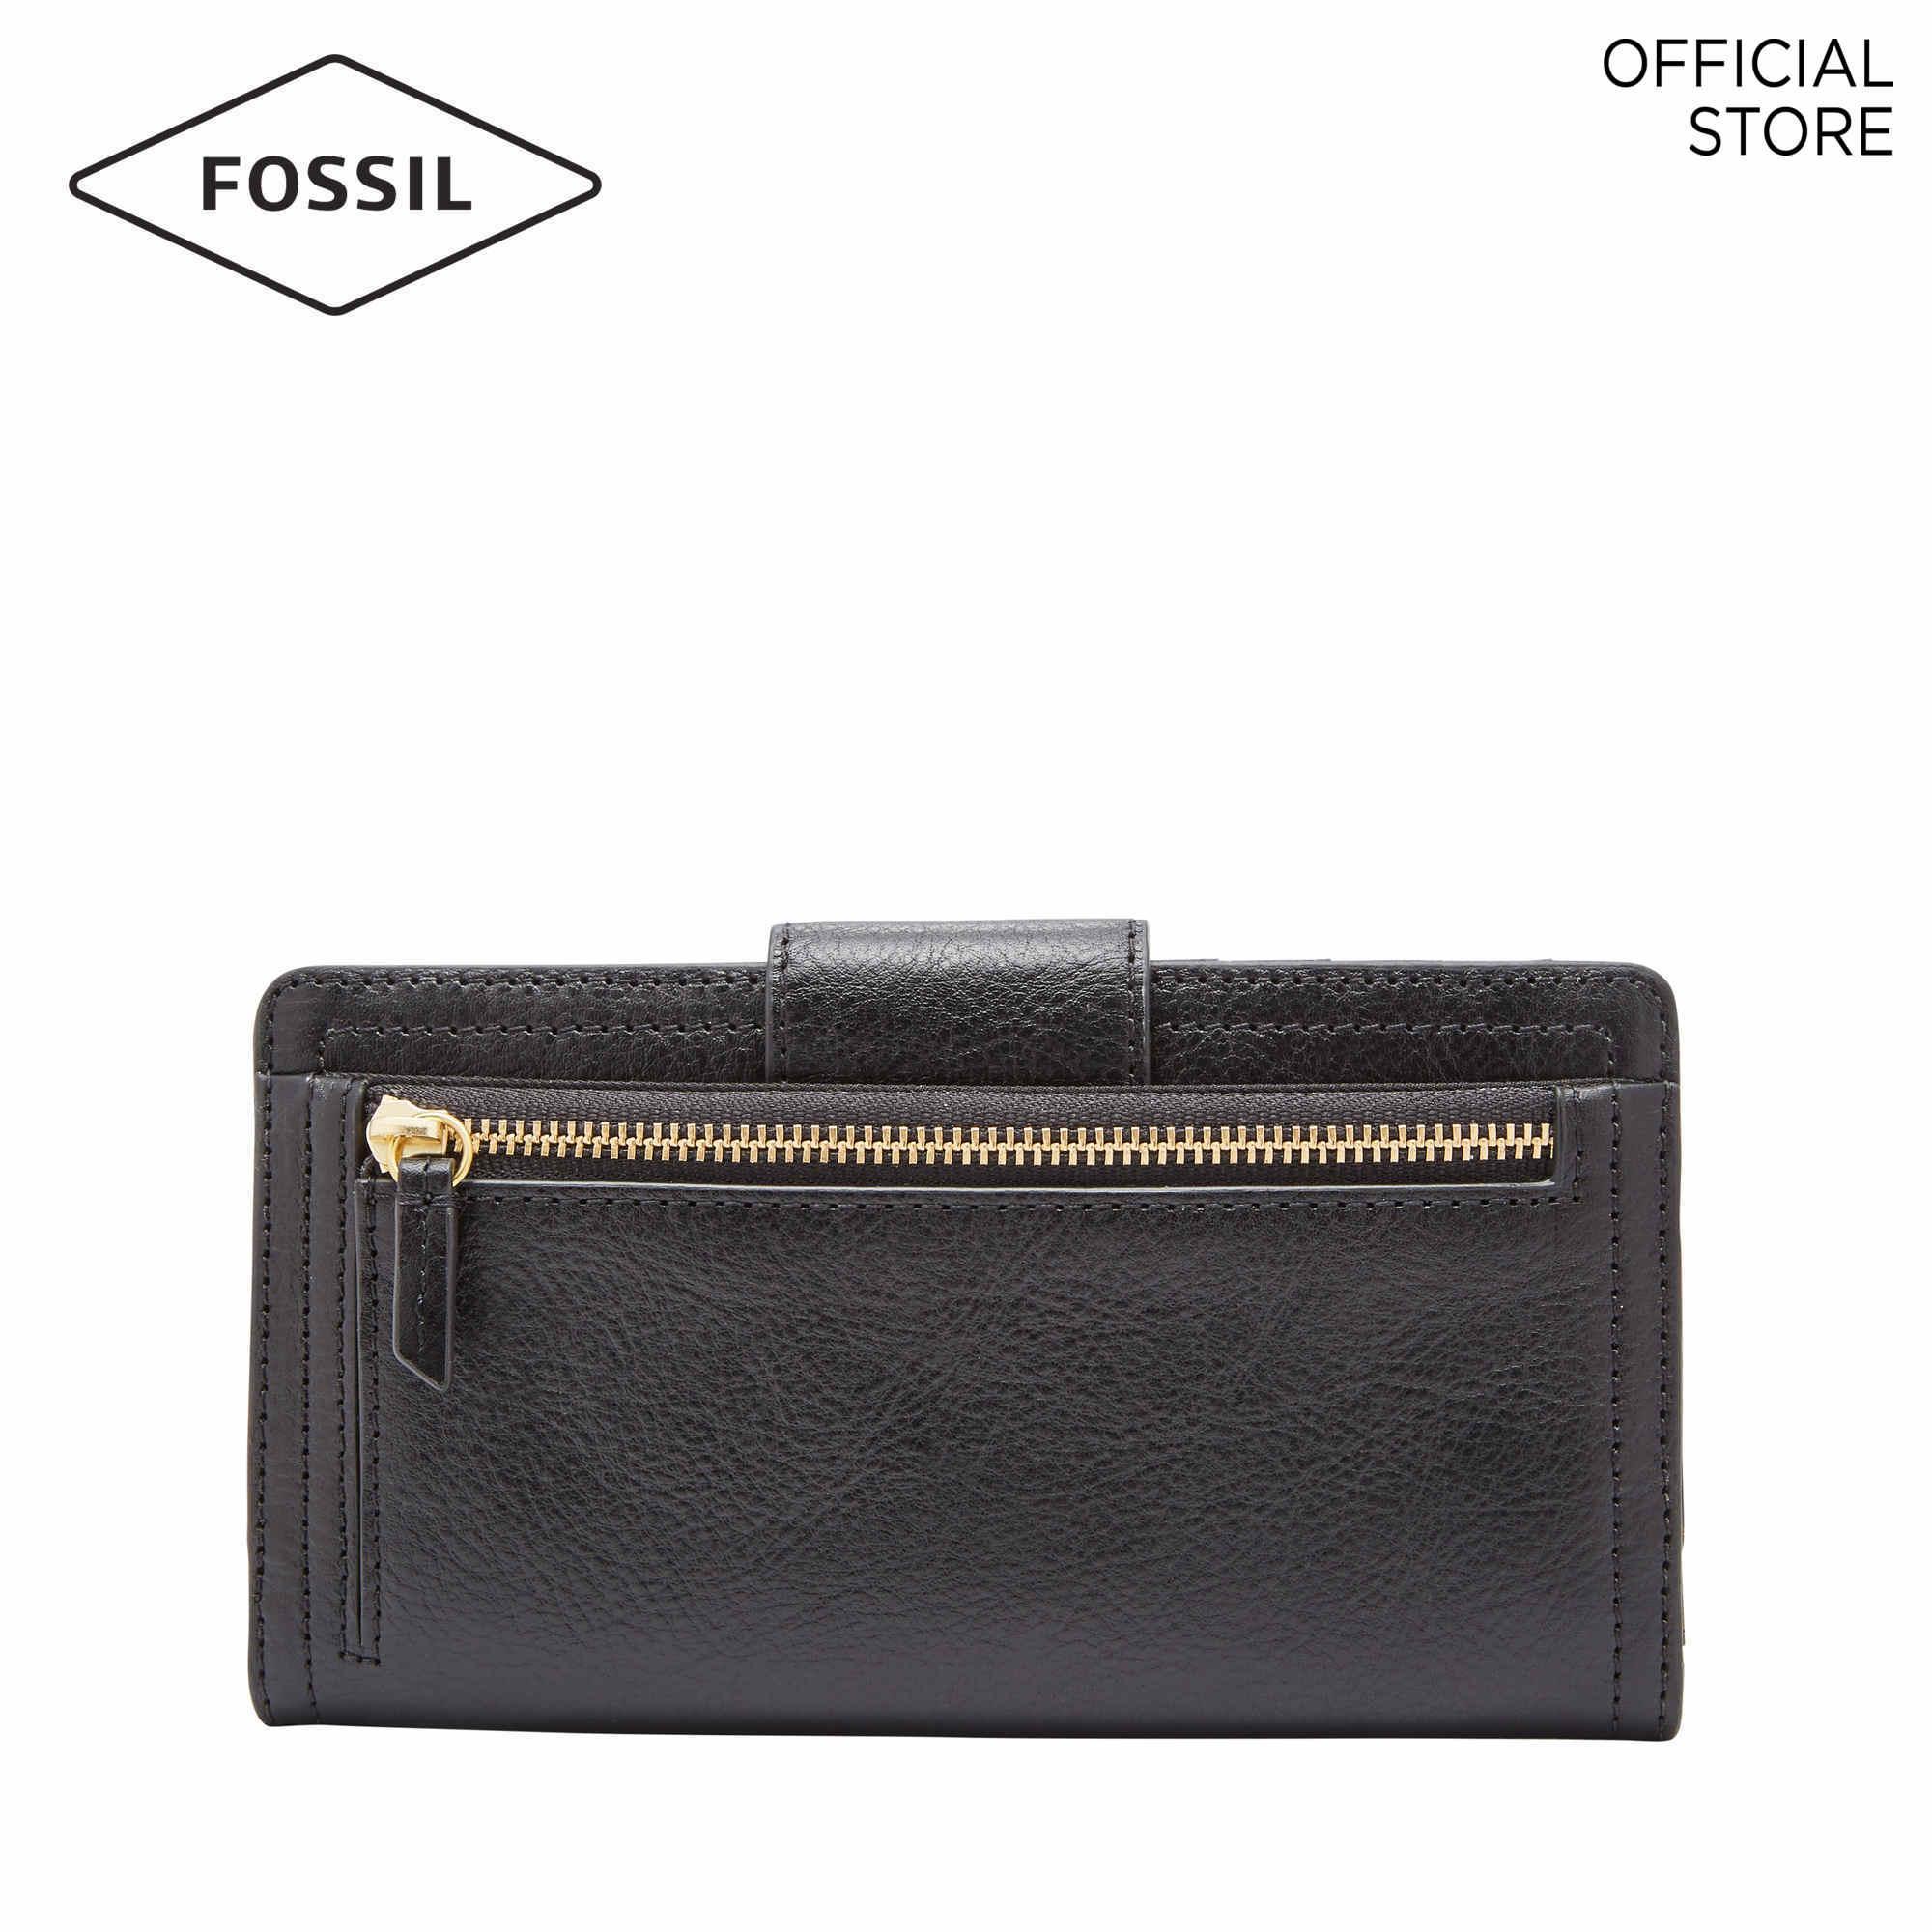 dabeb52510 Buy Women Clutch Bags | Women Fashion | Lazada.sg